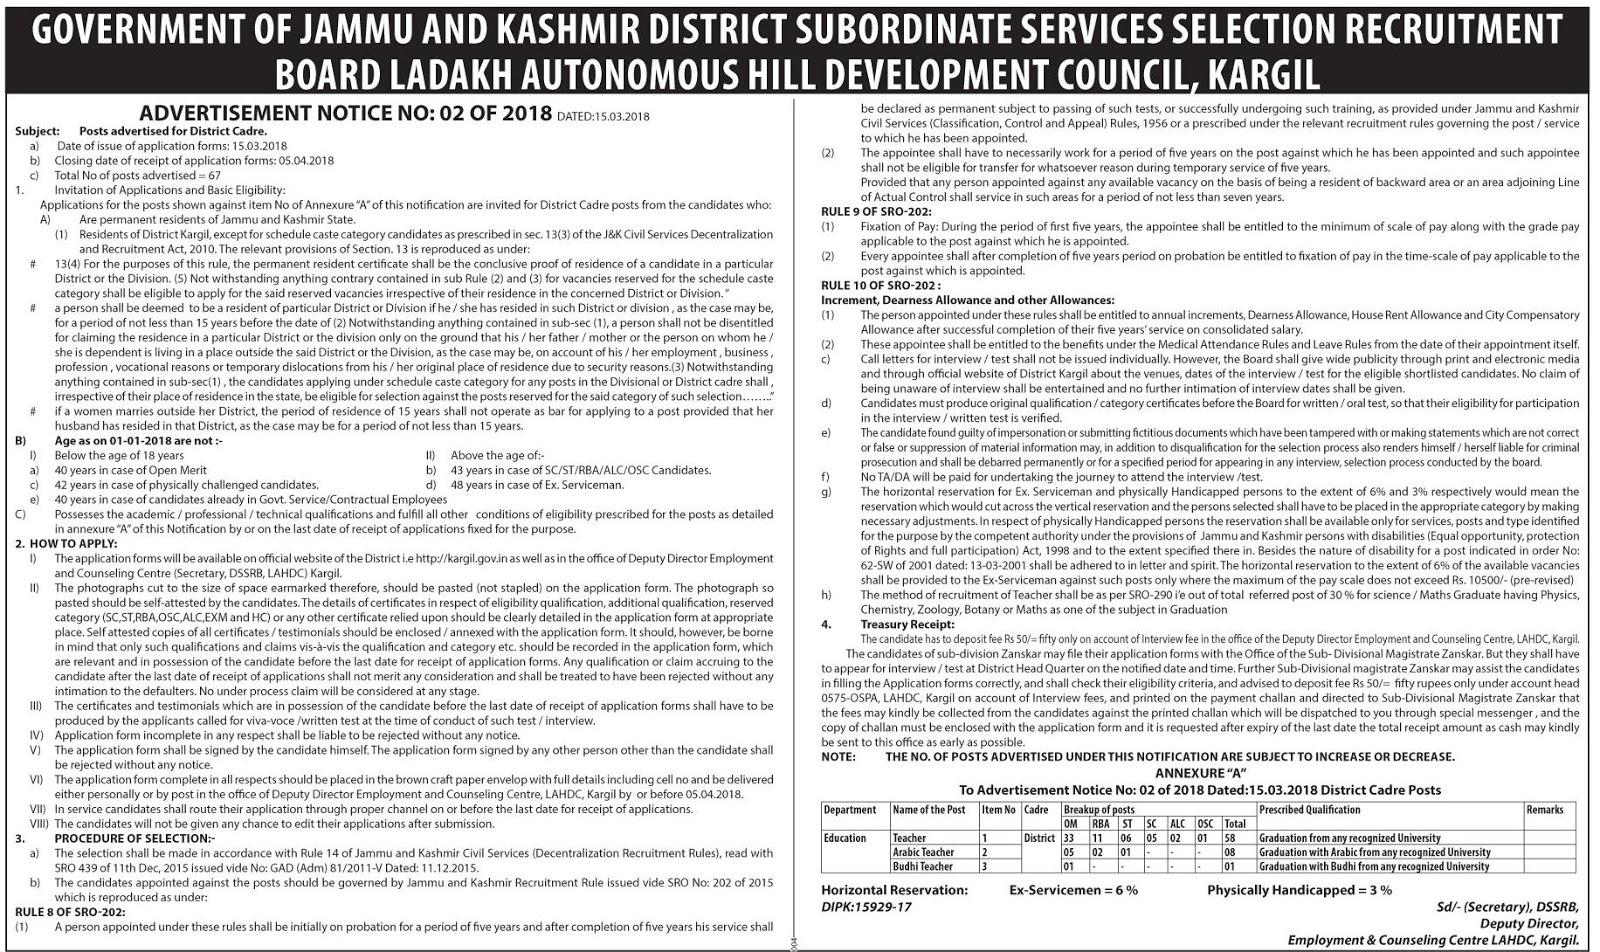 LAHDC Kargil Recruitment 2018 for 67 Teacher Posts